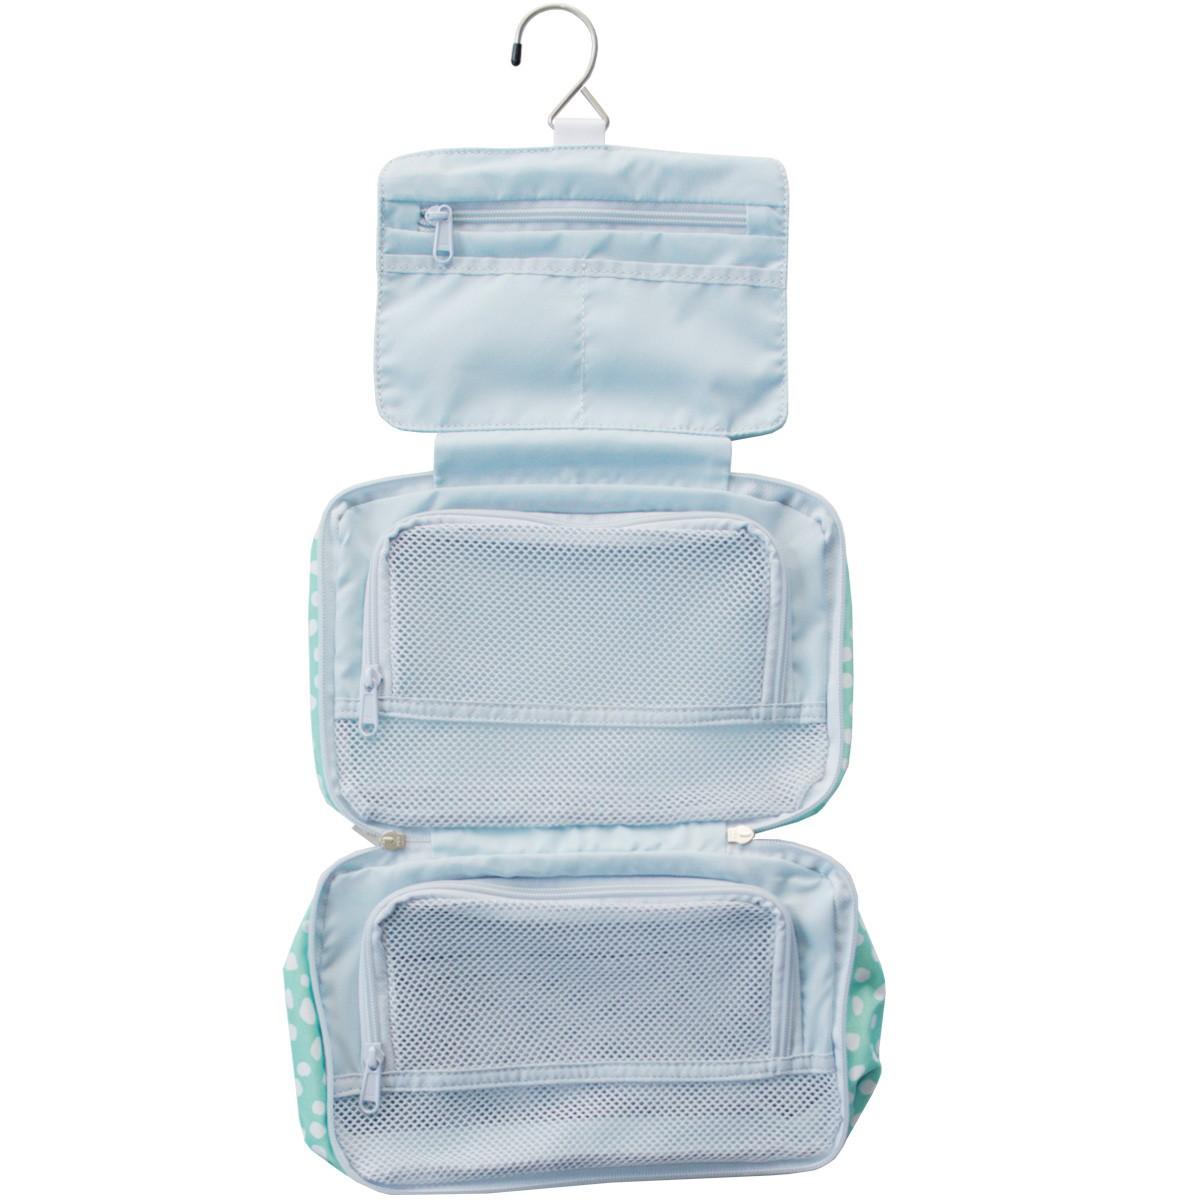 Flight 001 Spacepak Toiletry Bag - $42